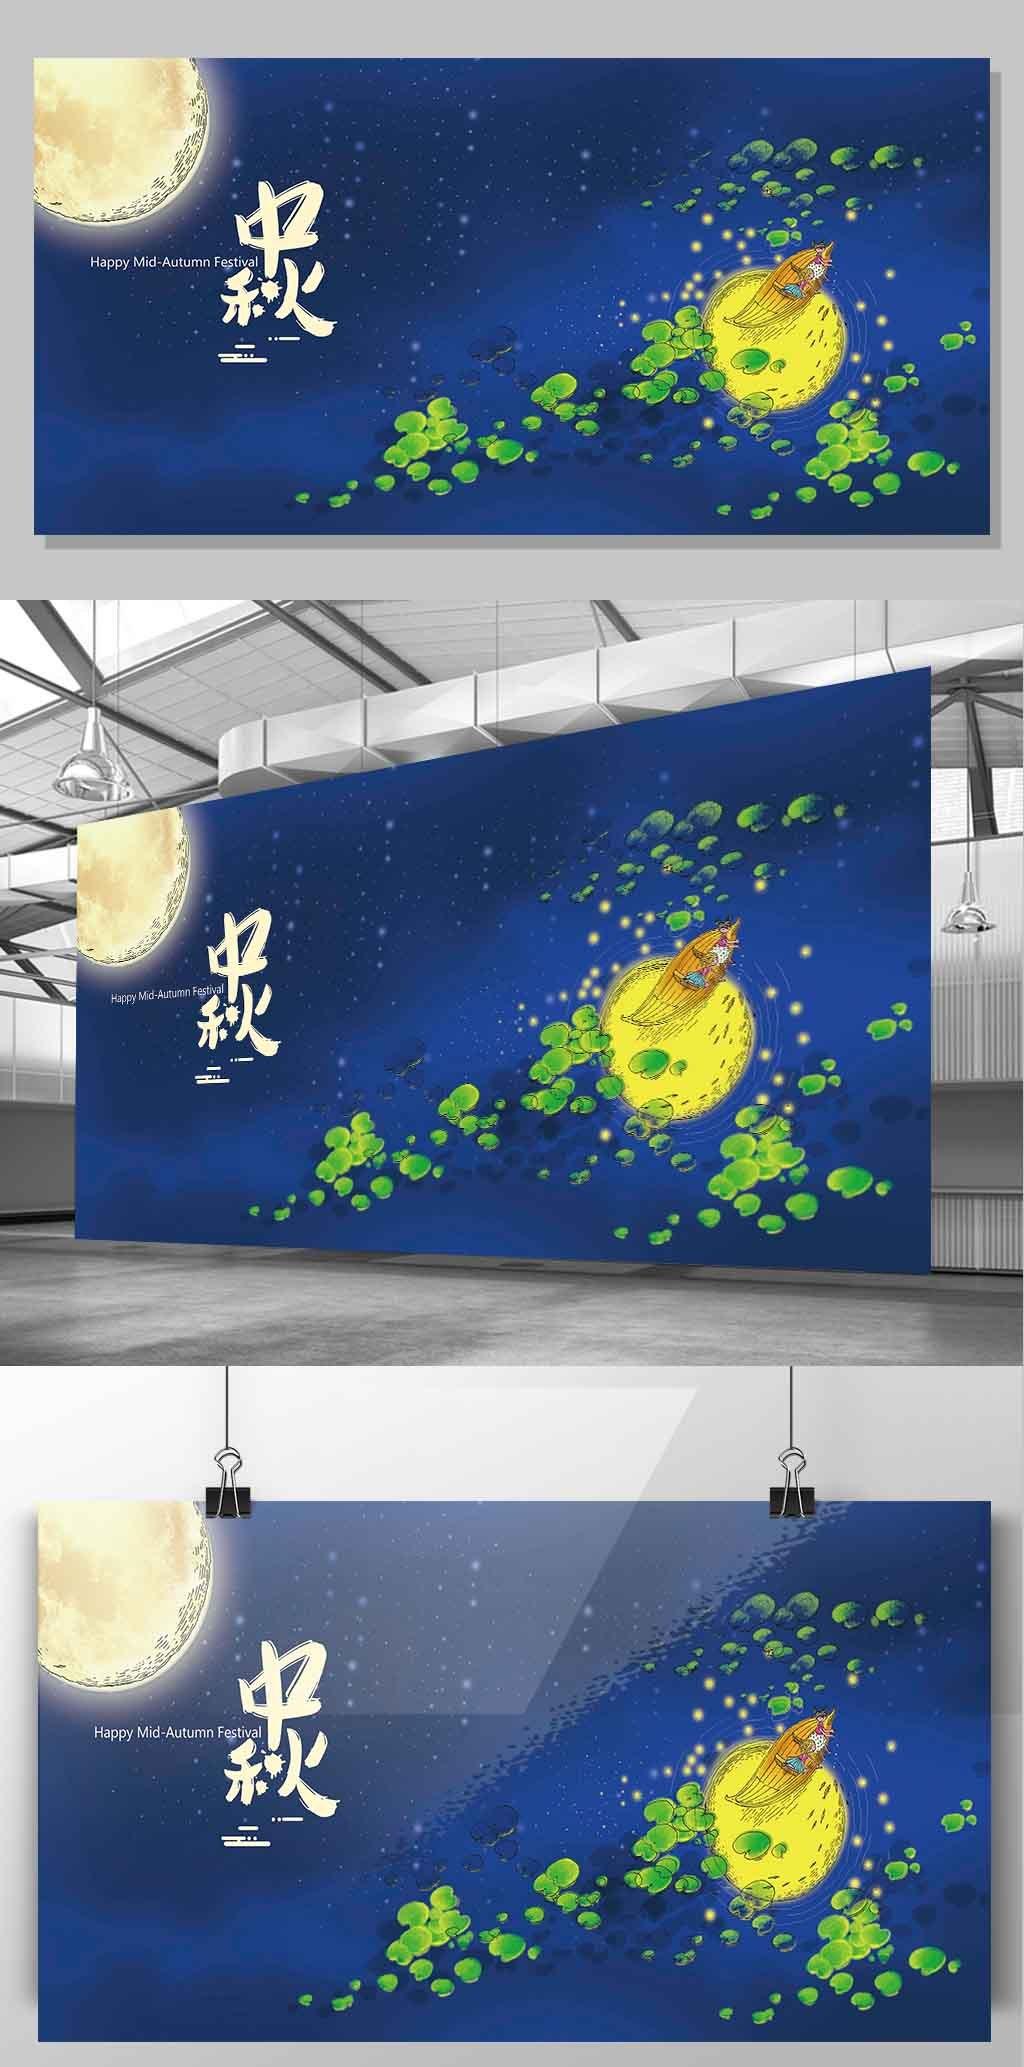 深蓝色手绘风格中秋节展板设计模板